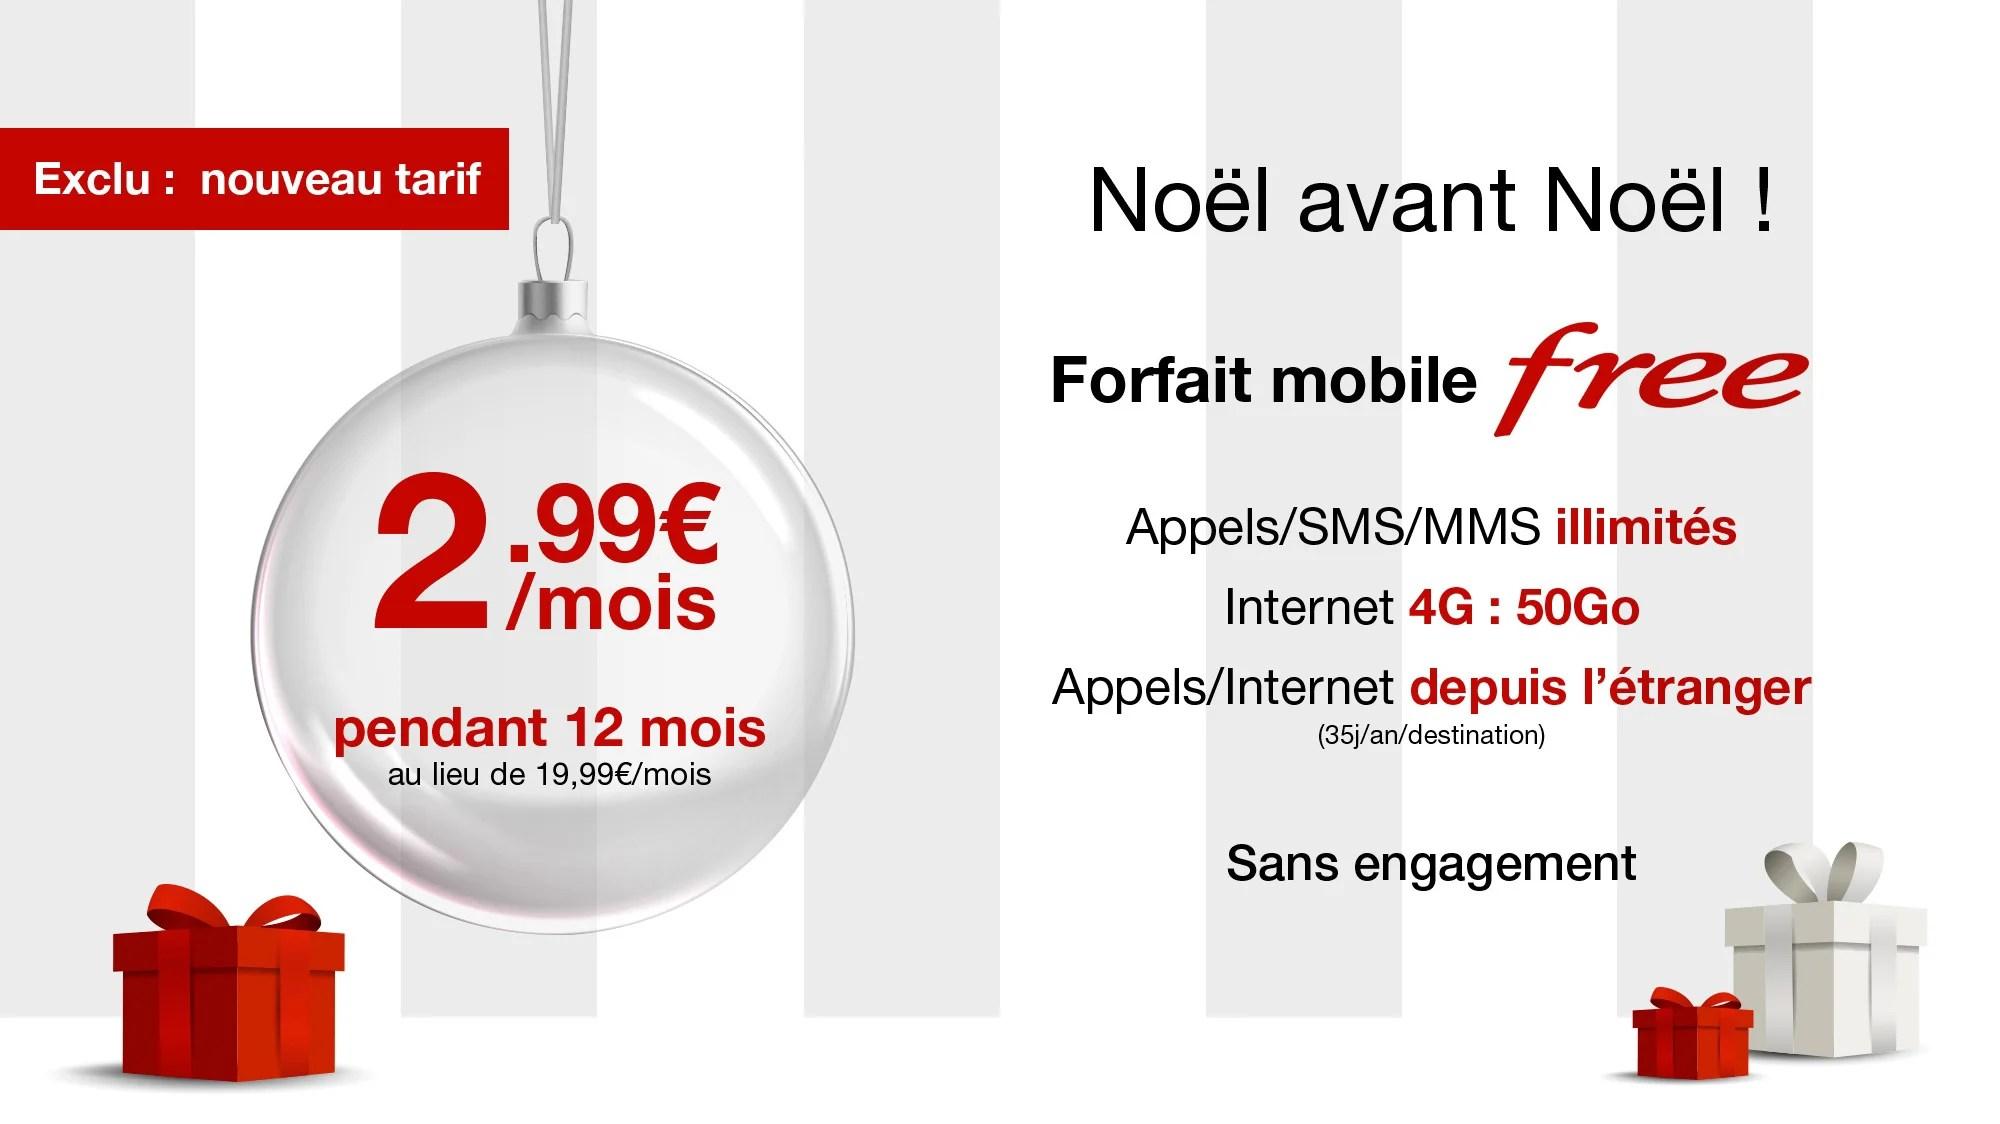 Forfait Free Mobile à 2,99 euros : on peut désormais ouvrir une nouvelle ligne sans portabilité